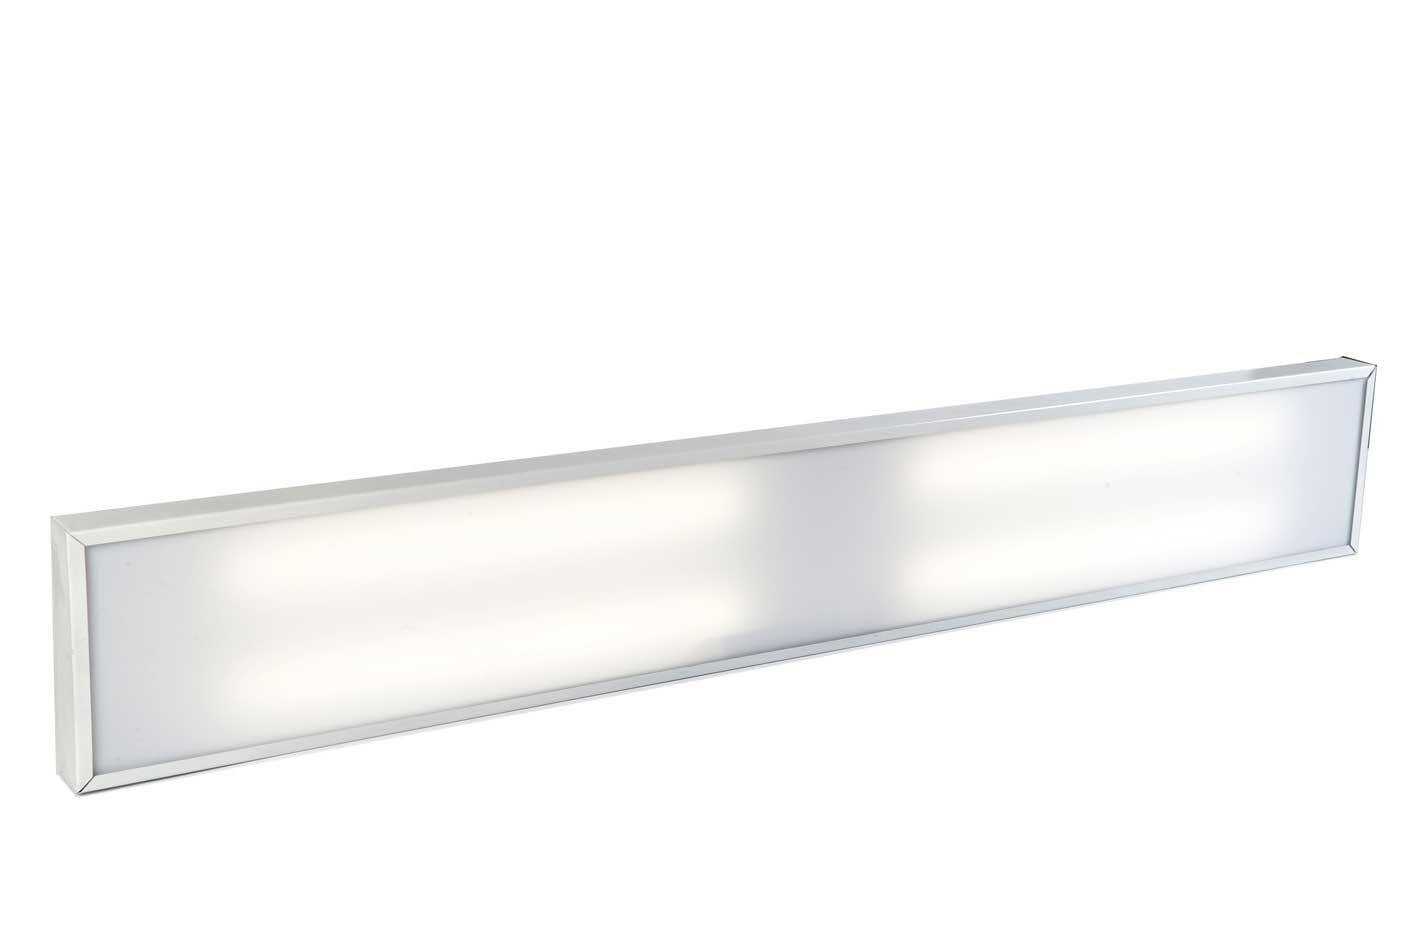 Светодиодный светильник Армстронги SVT-ARM-U-1200x180x40-30W-PR